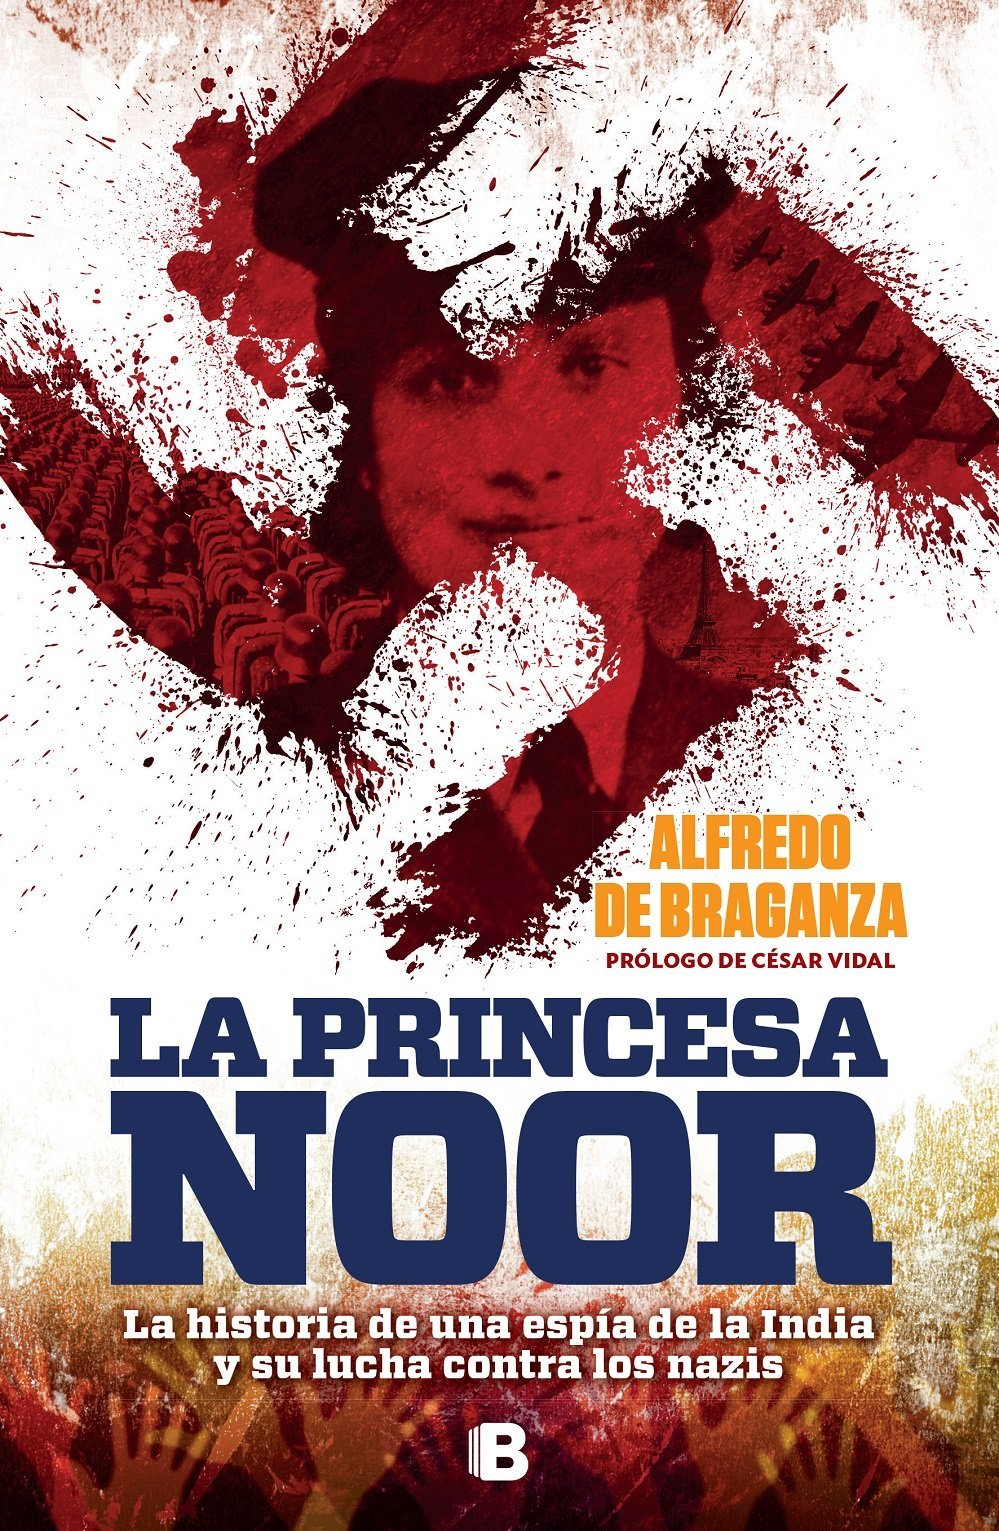 Portada del libro La princesa Noor de Alfredo De Braganza